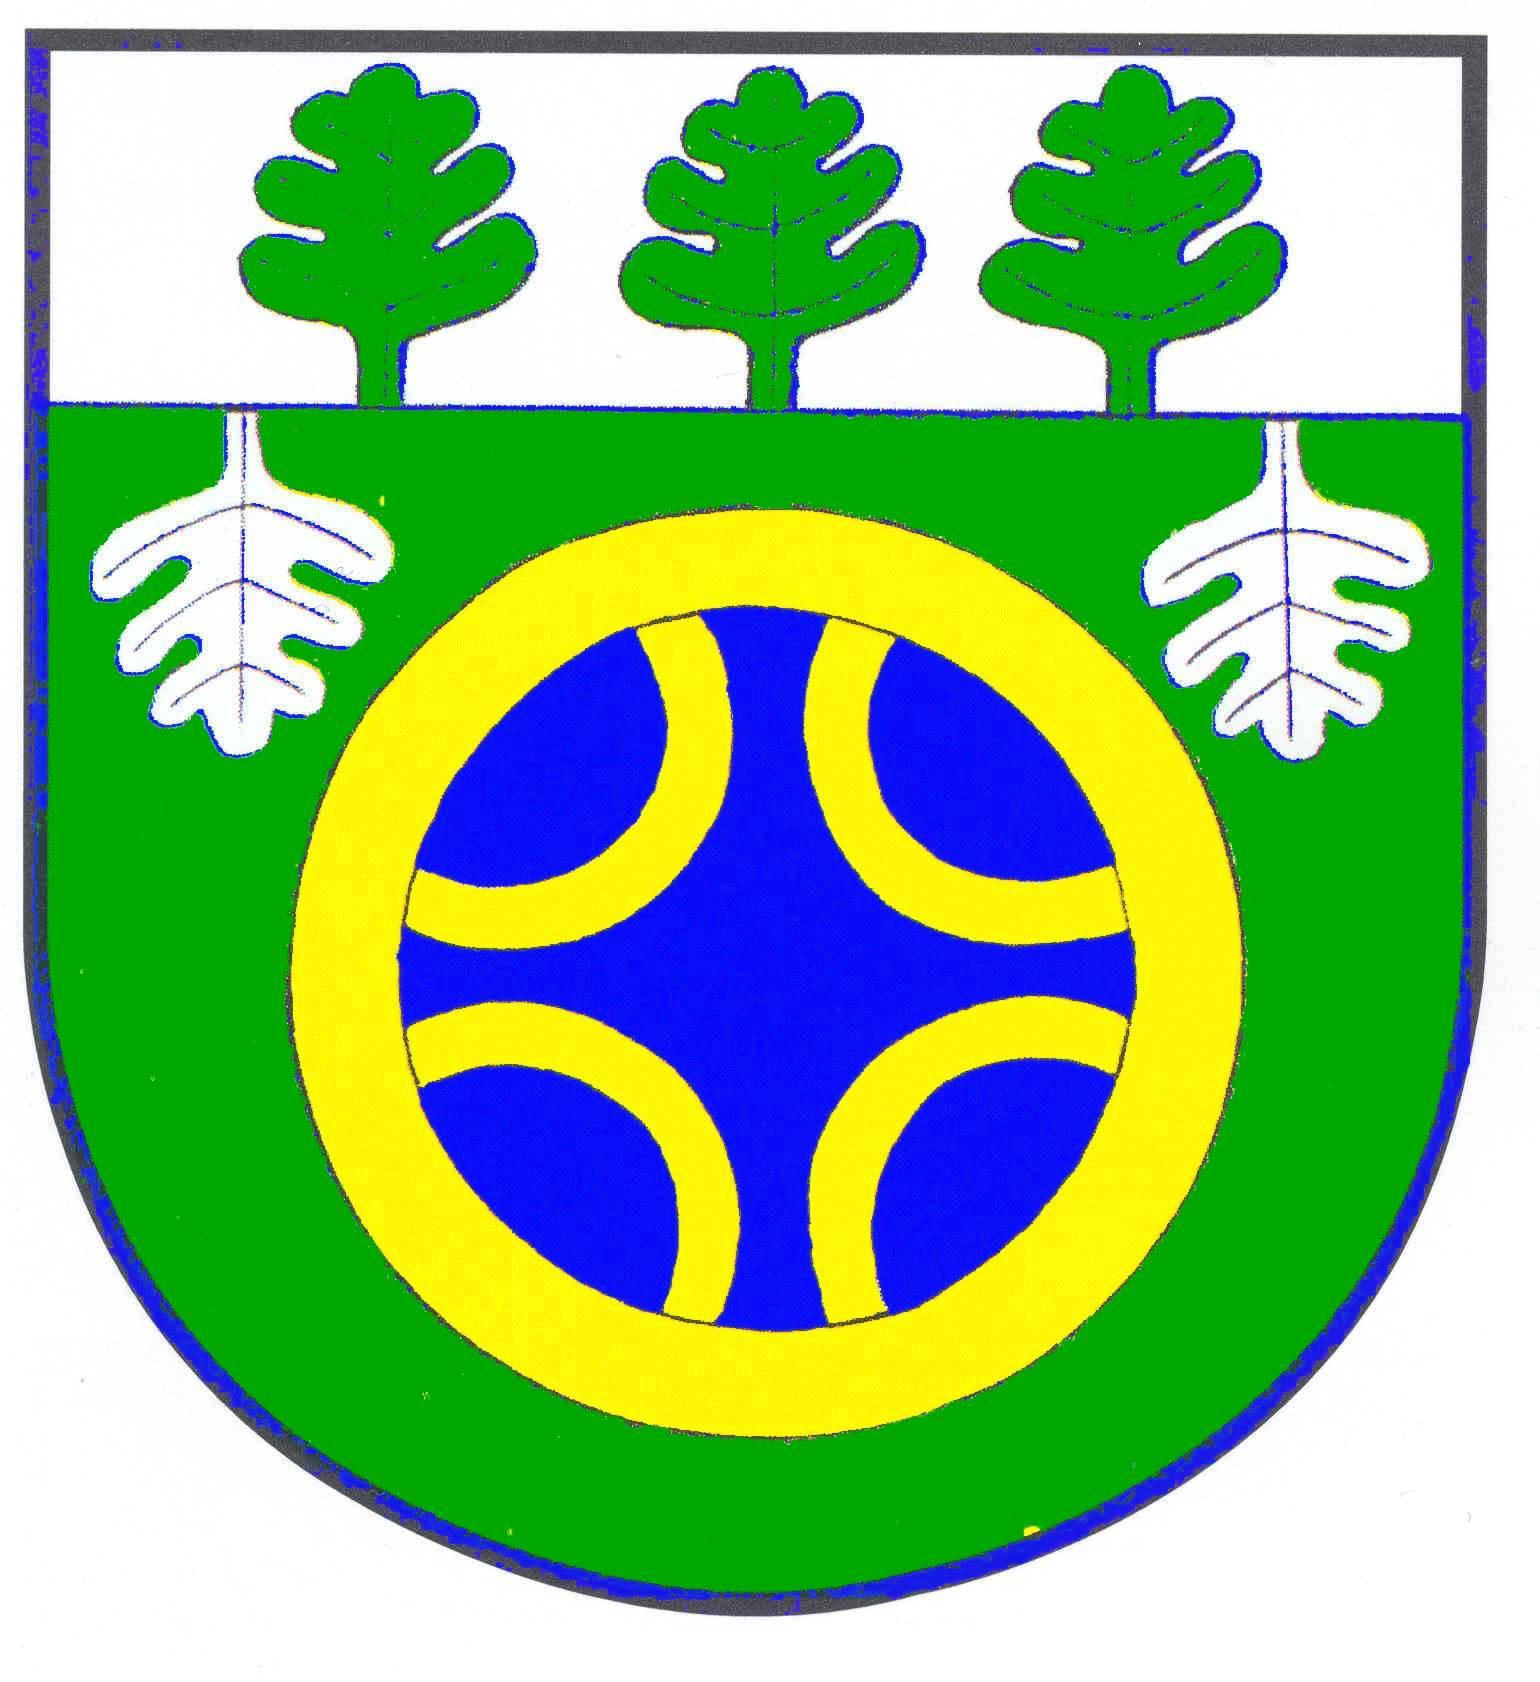 Wappen GemeindeSchuby, Kreis Schleswig-Flensburg